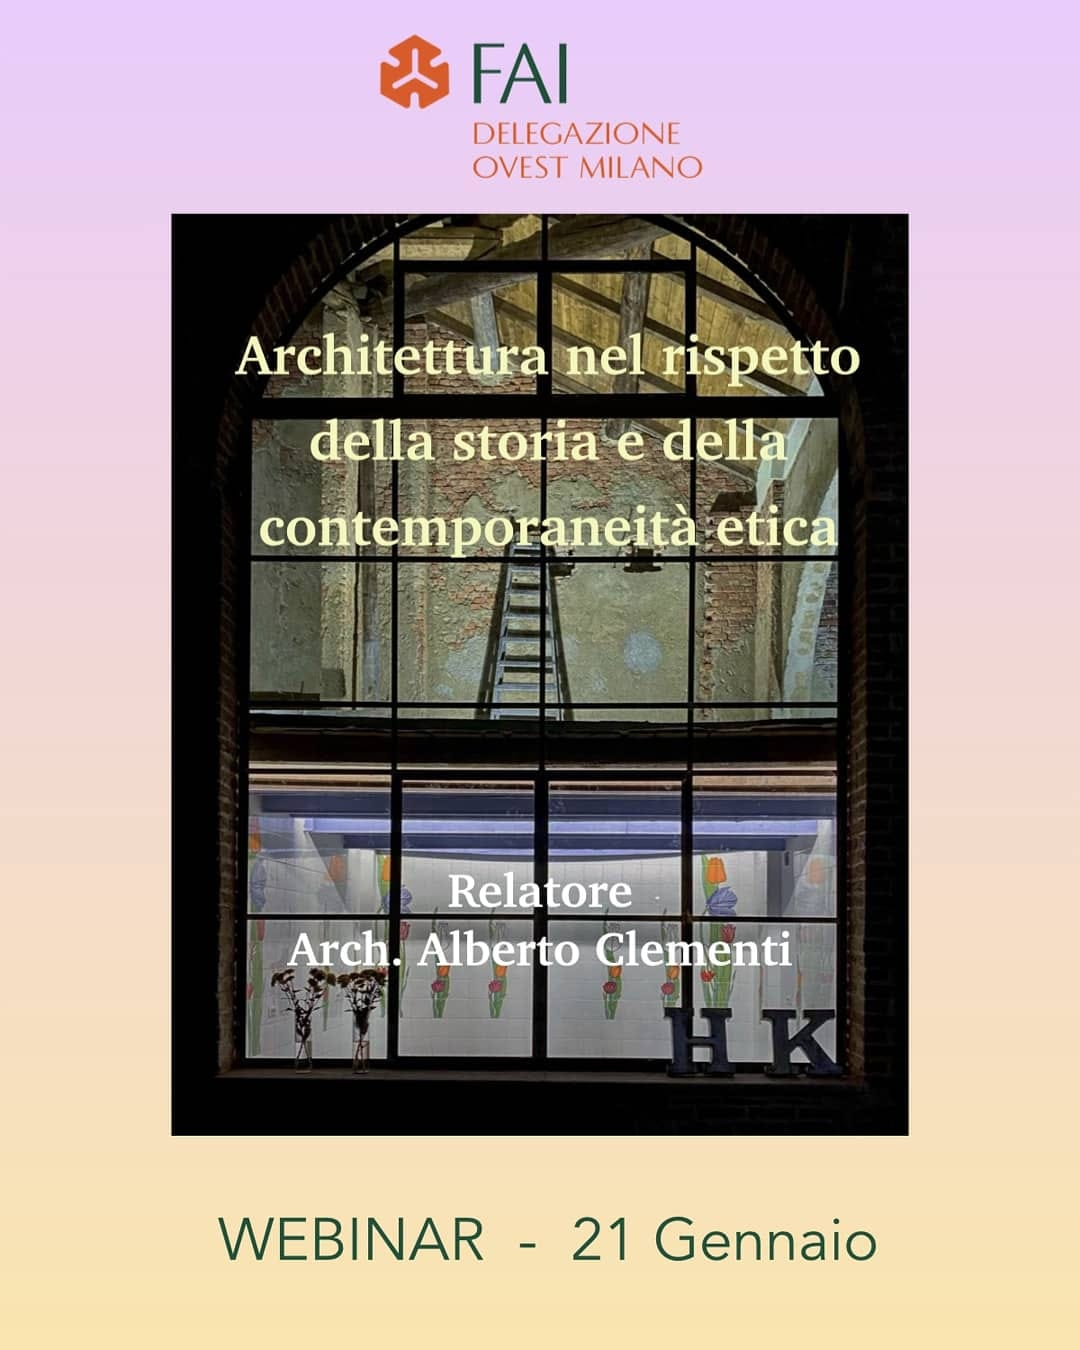 Recupero architettonico dei beni storici: etica ed equilibrio tra il passato e la contemporaneità. Il webinar con Alberto Clementi